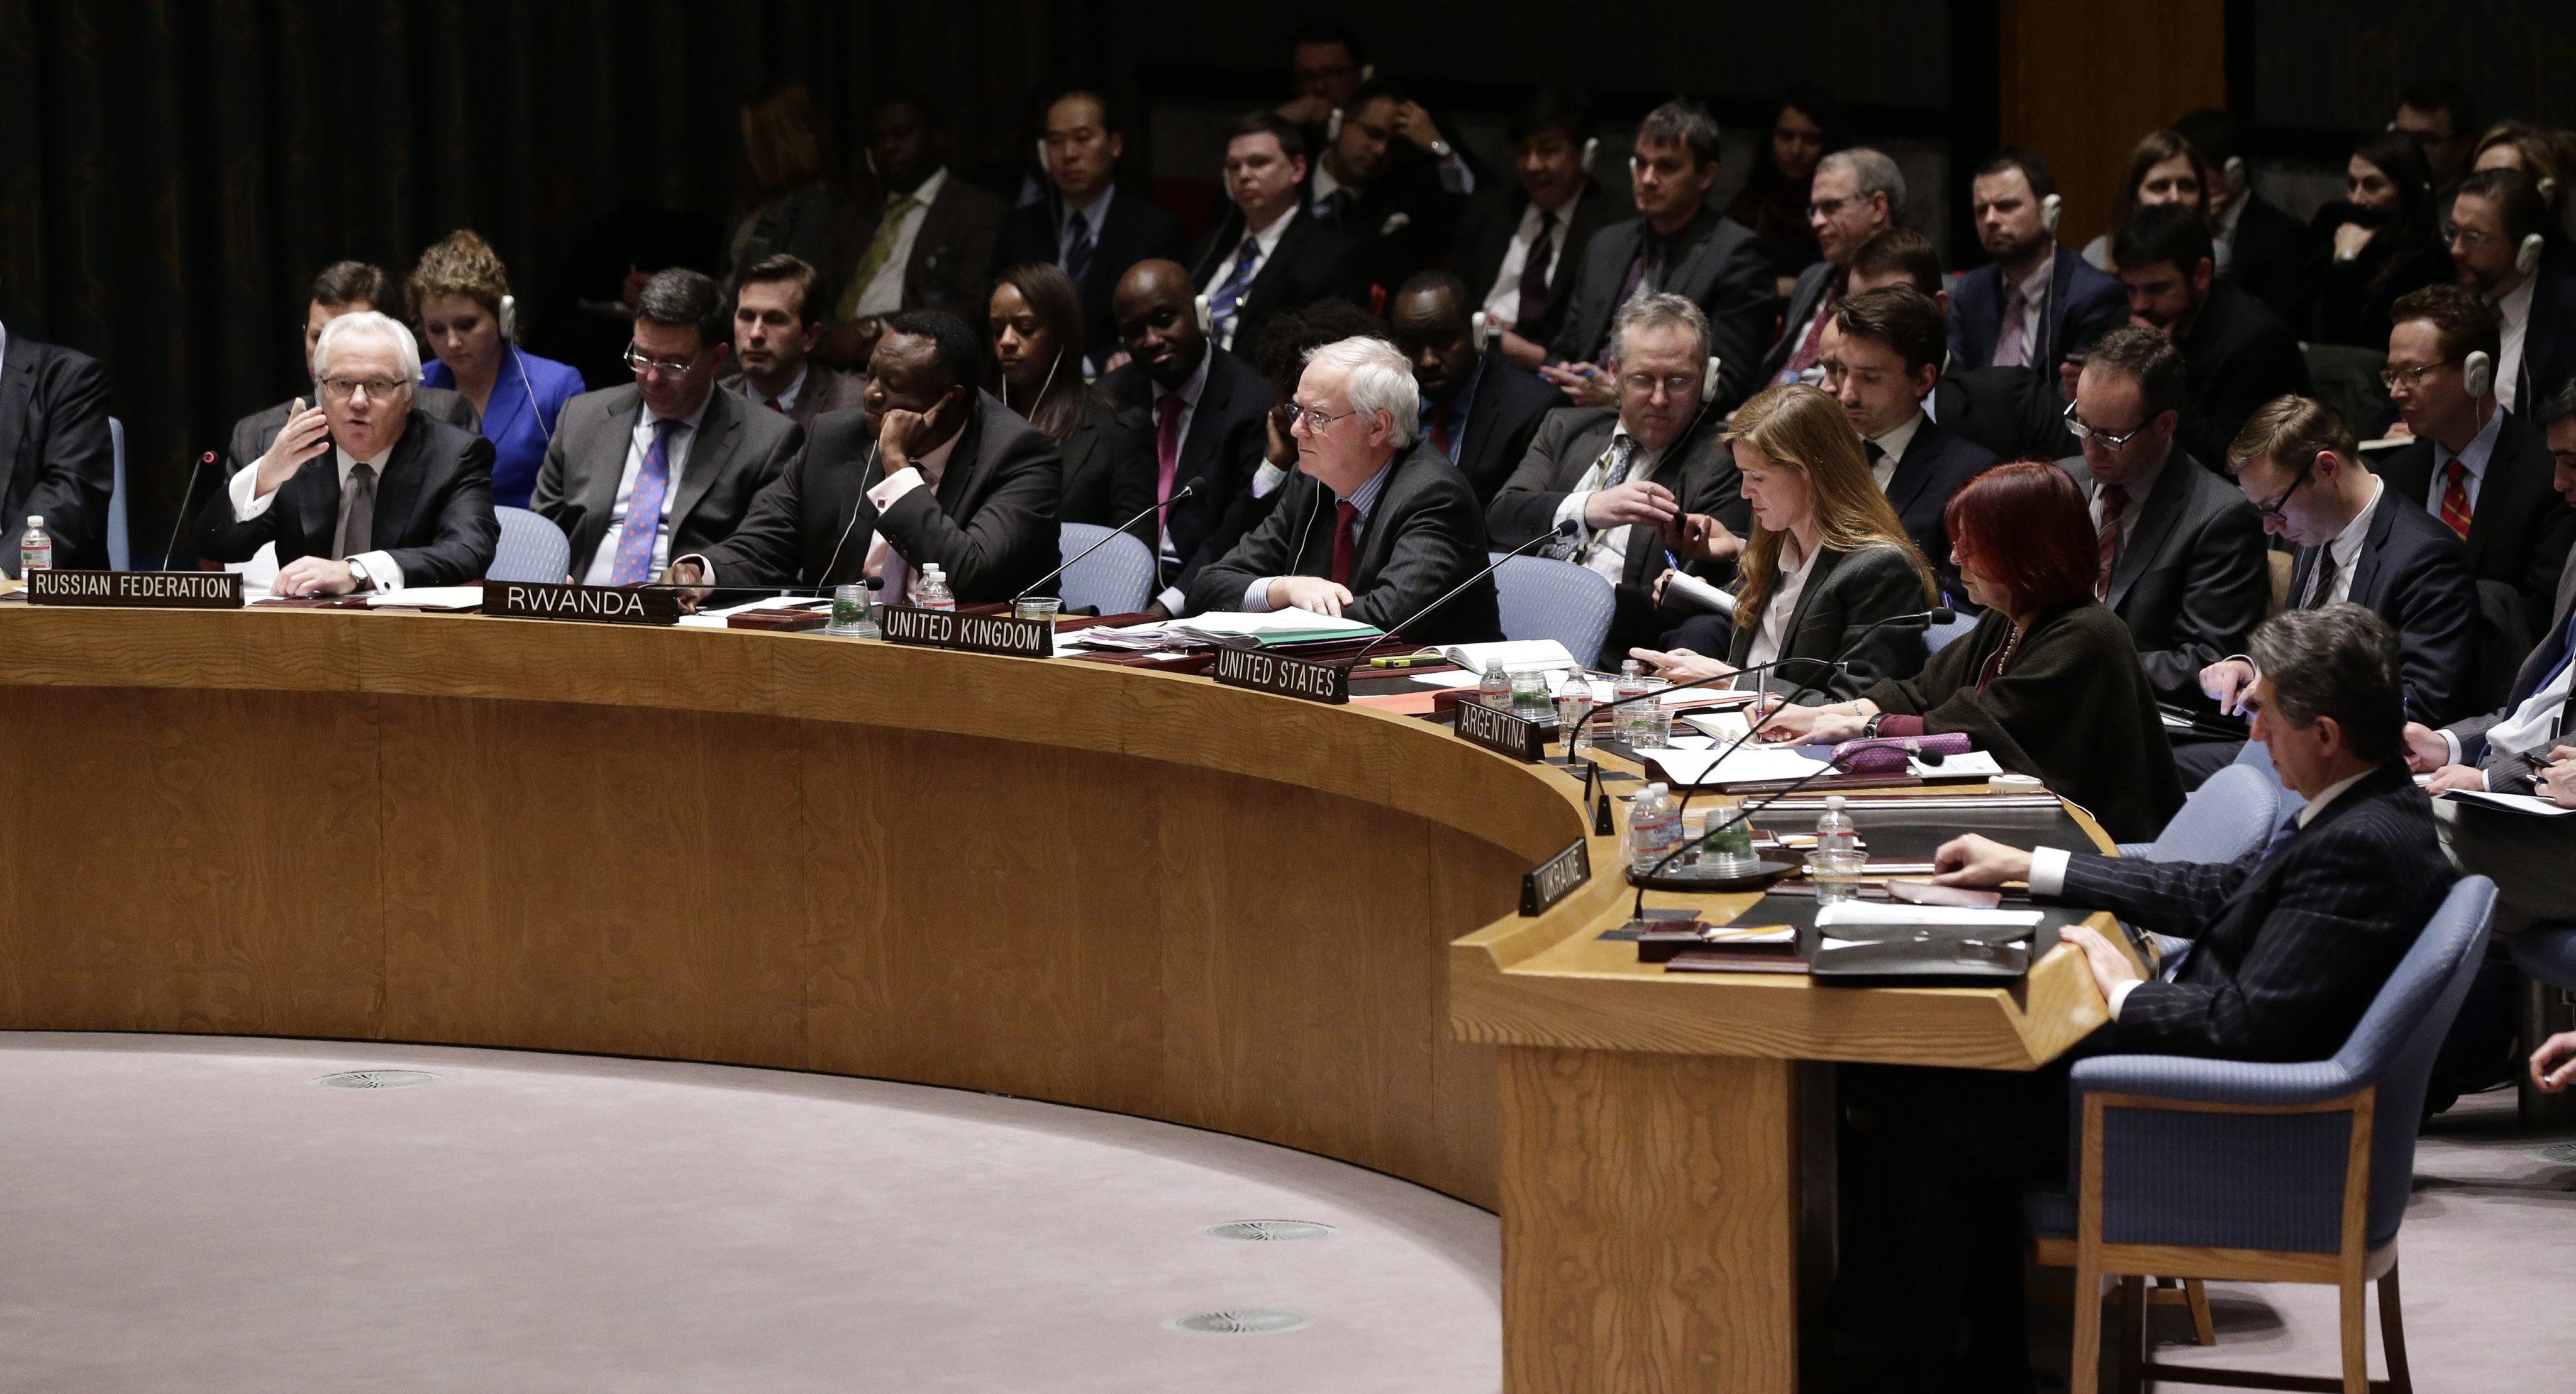 Заседание Совбеза ООН по ситуации на Украине